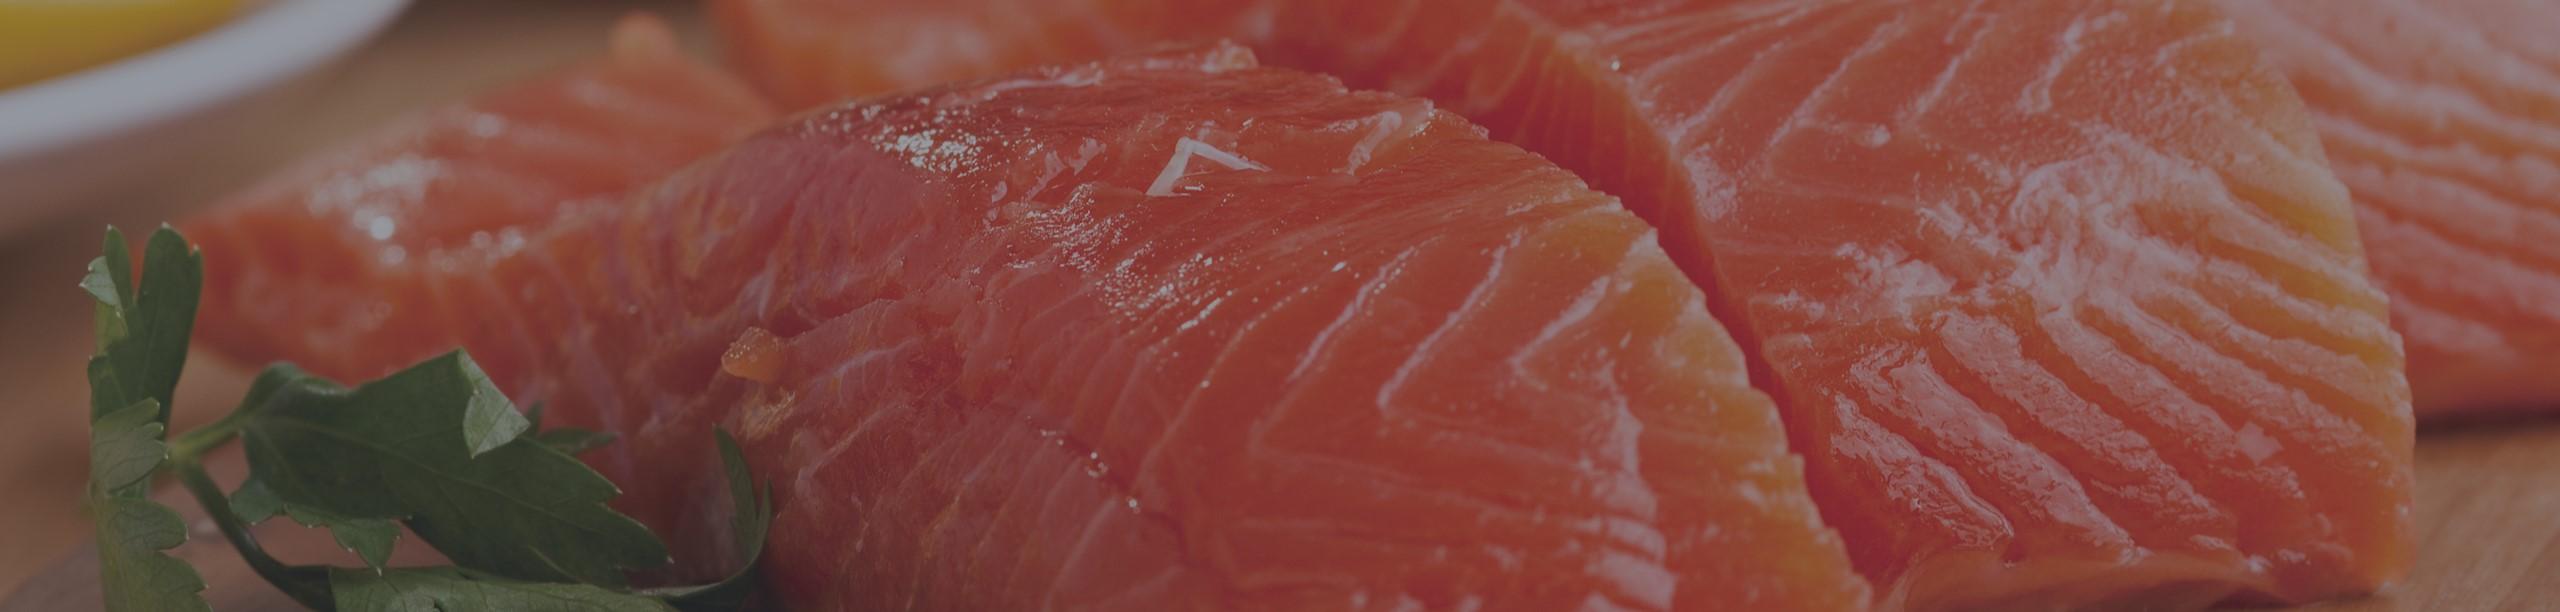 Salmon1-1